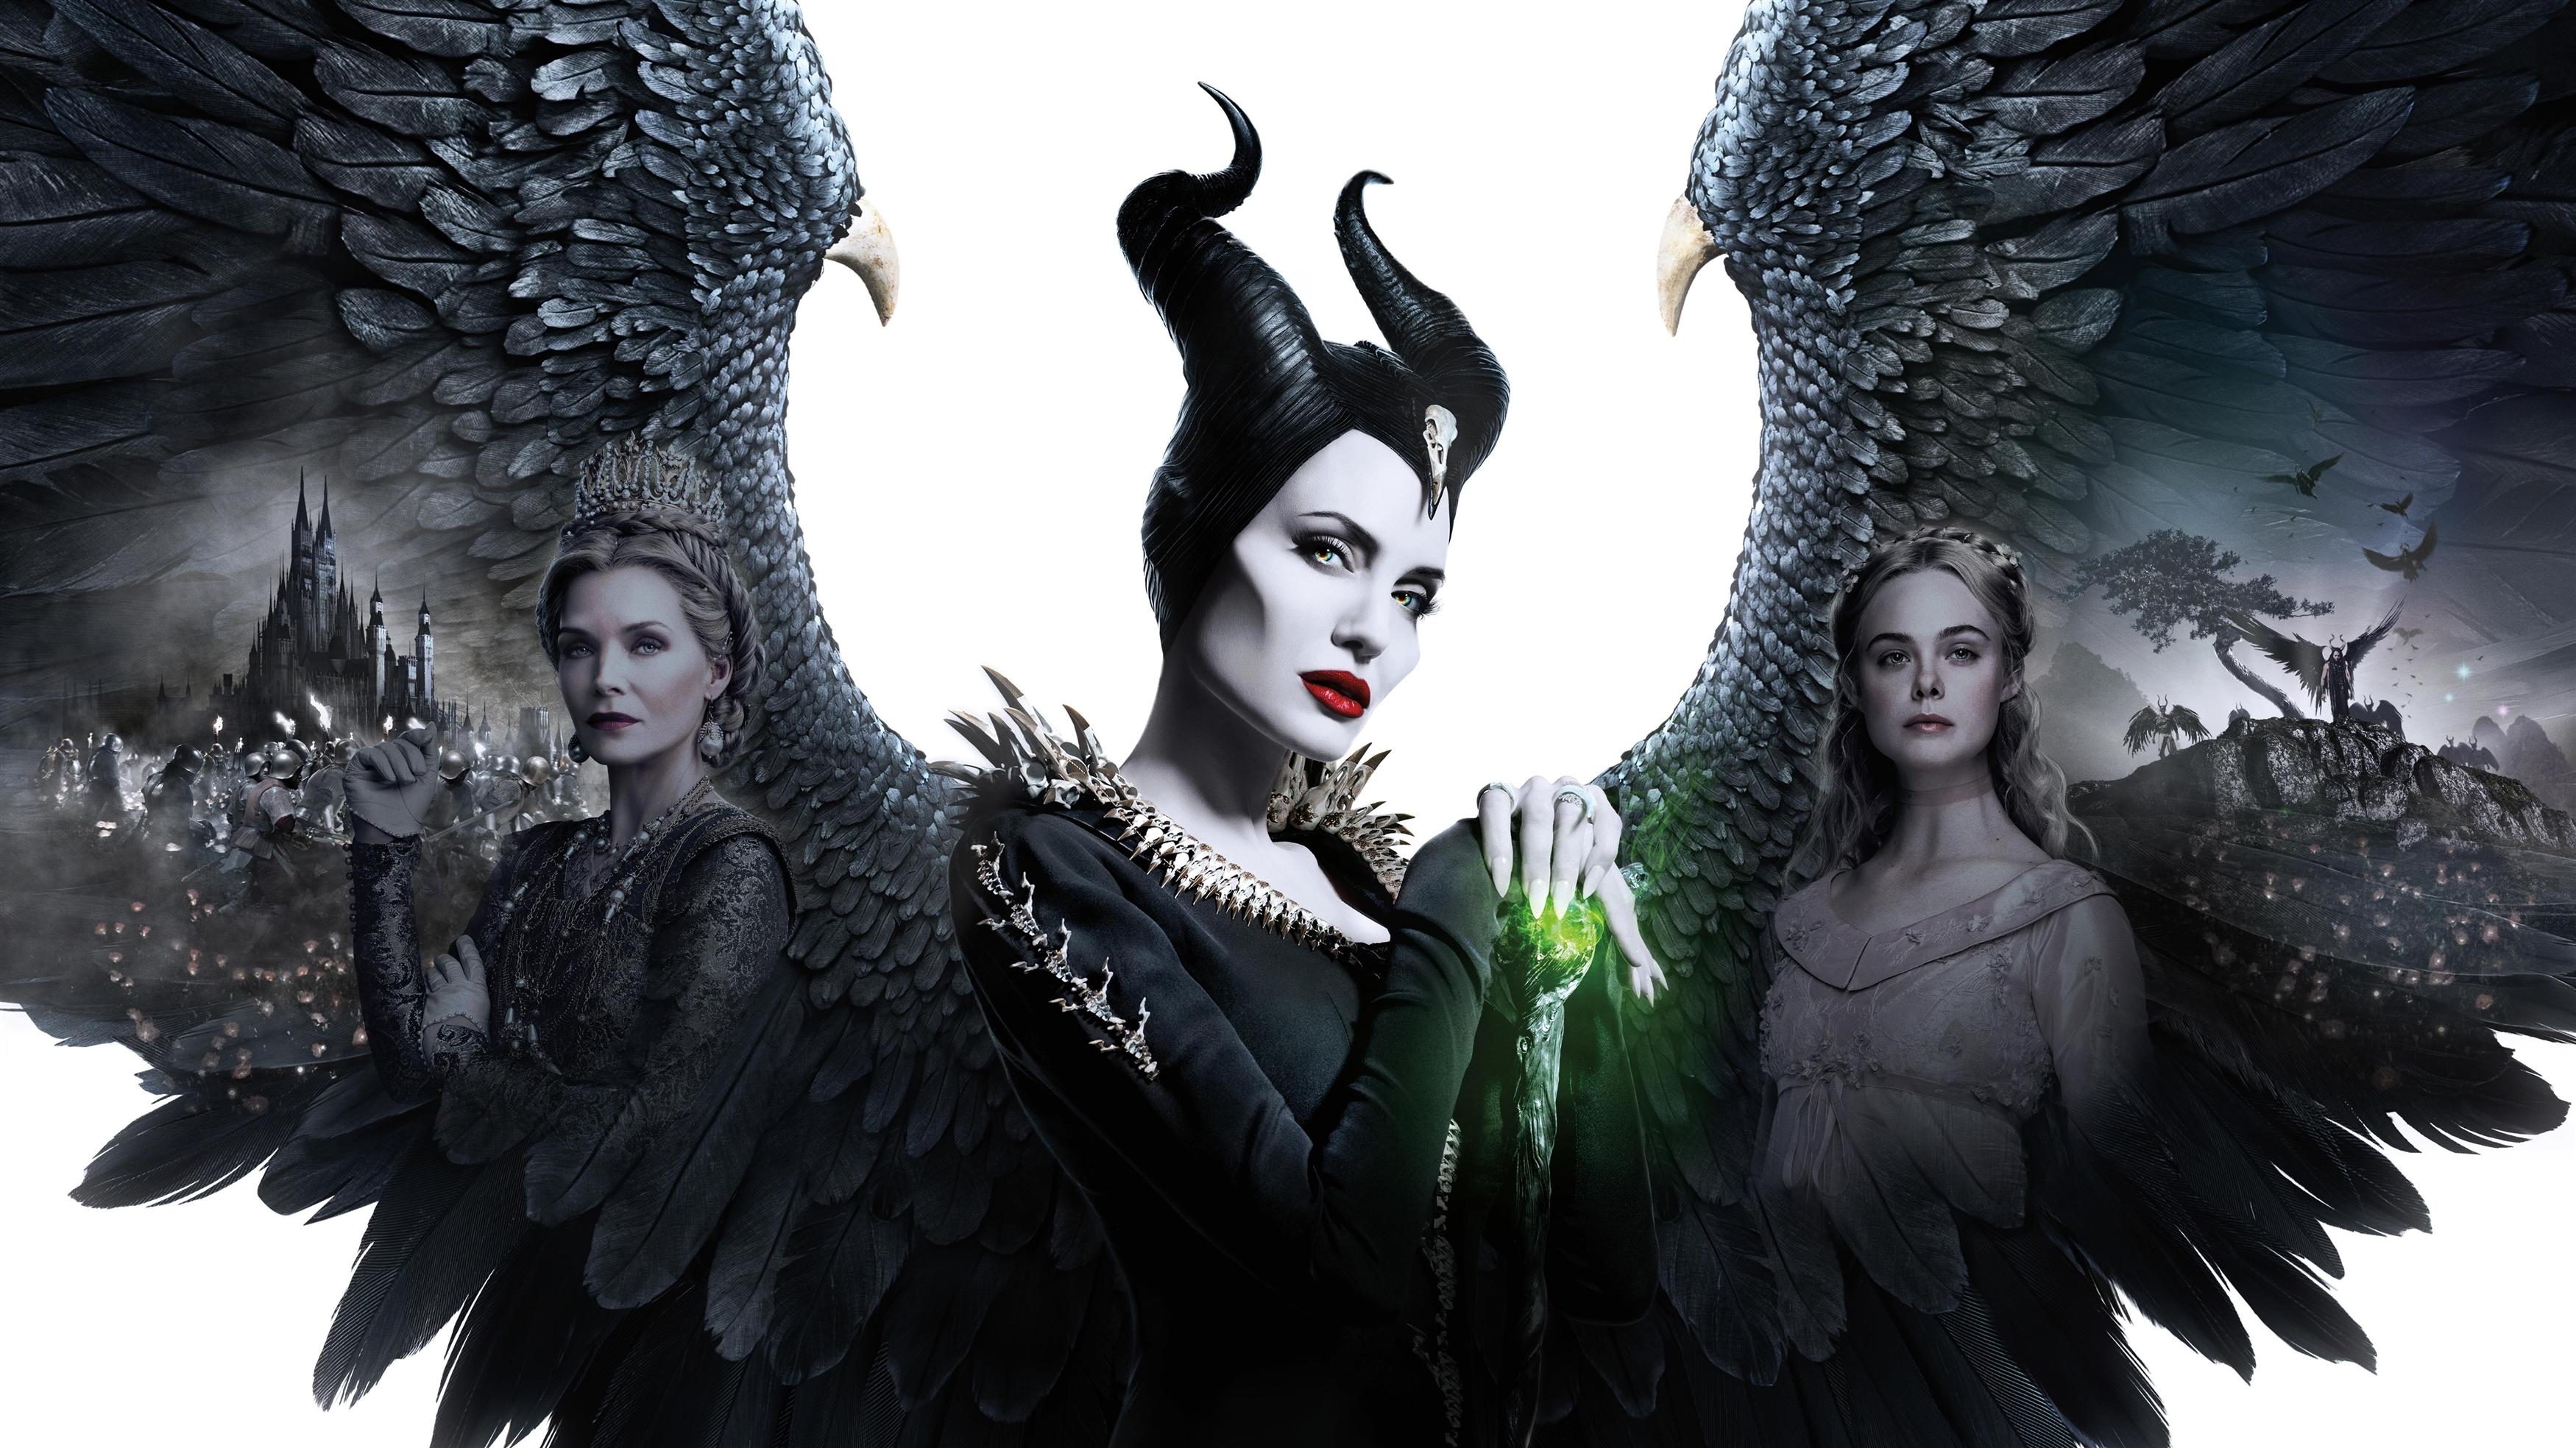 Малефисента хозяйка зла Анджелина Джоли 2019 обои скачать